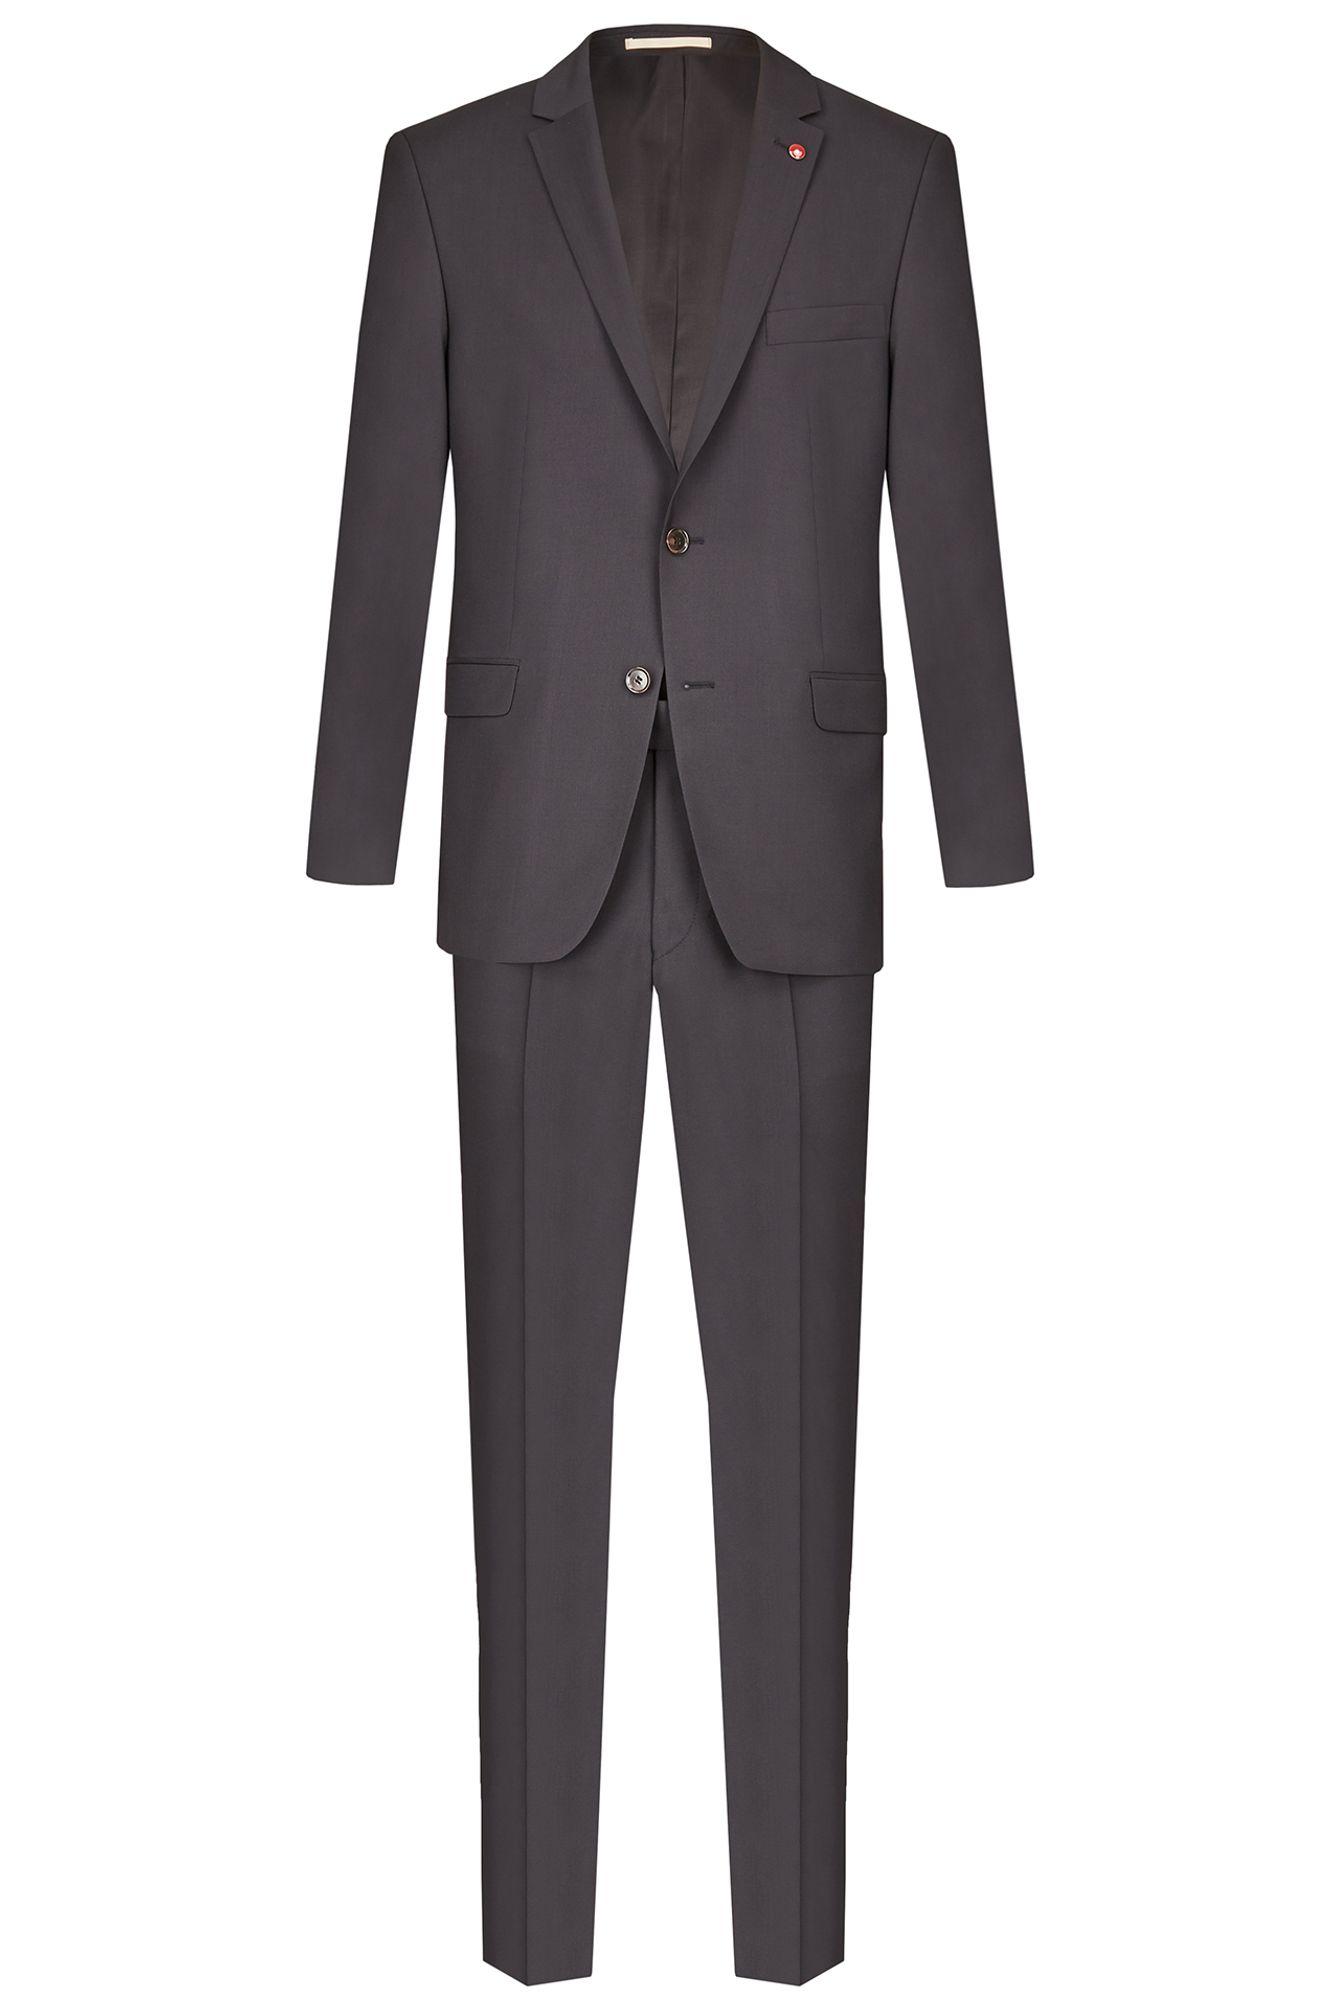 Atelier Torino Modern Fit Herren Cashmere Anzug in Blau, Grau oder Schwarz, Weber: Marzotto, Roma SSAldo (07058)